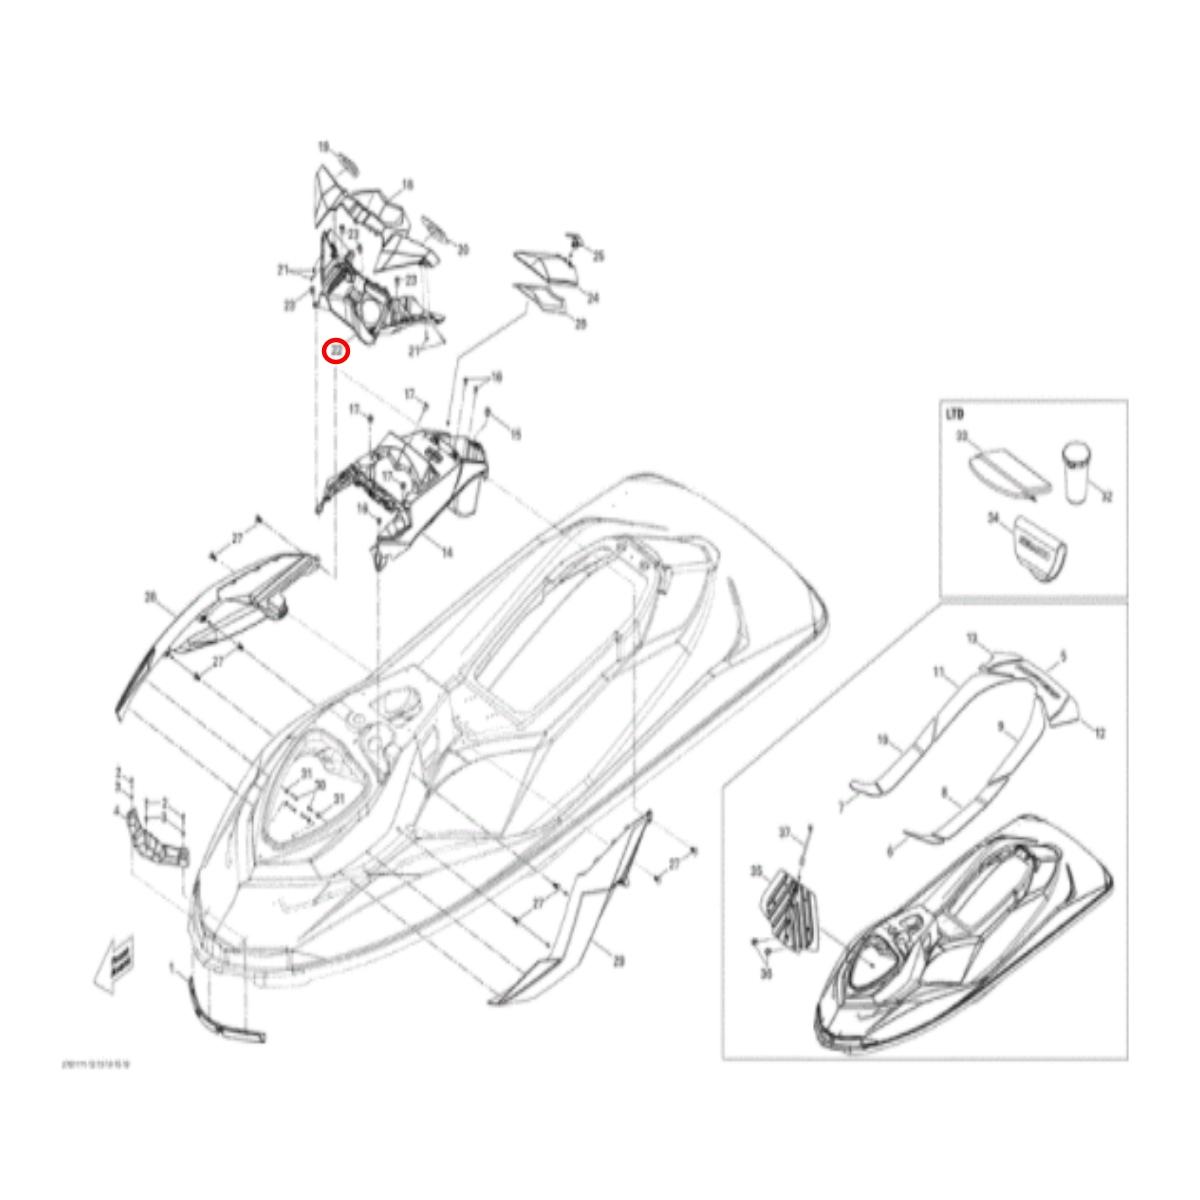 Carenagem do Retrovisor Inferior Sea Doo 4 TEC  - Radical Peças - Peças para Jet Ski